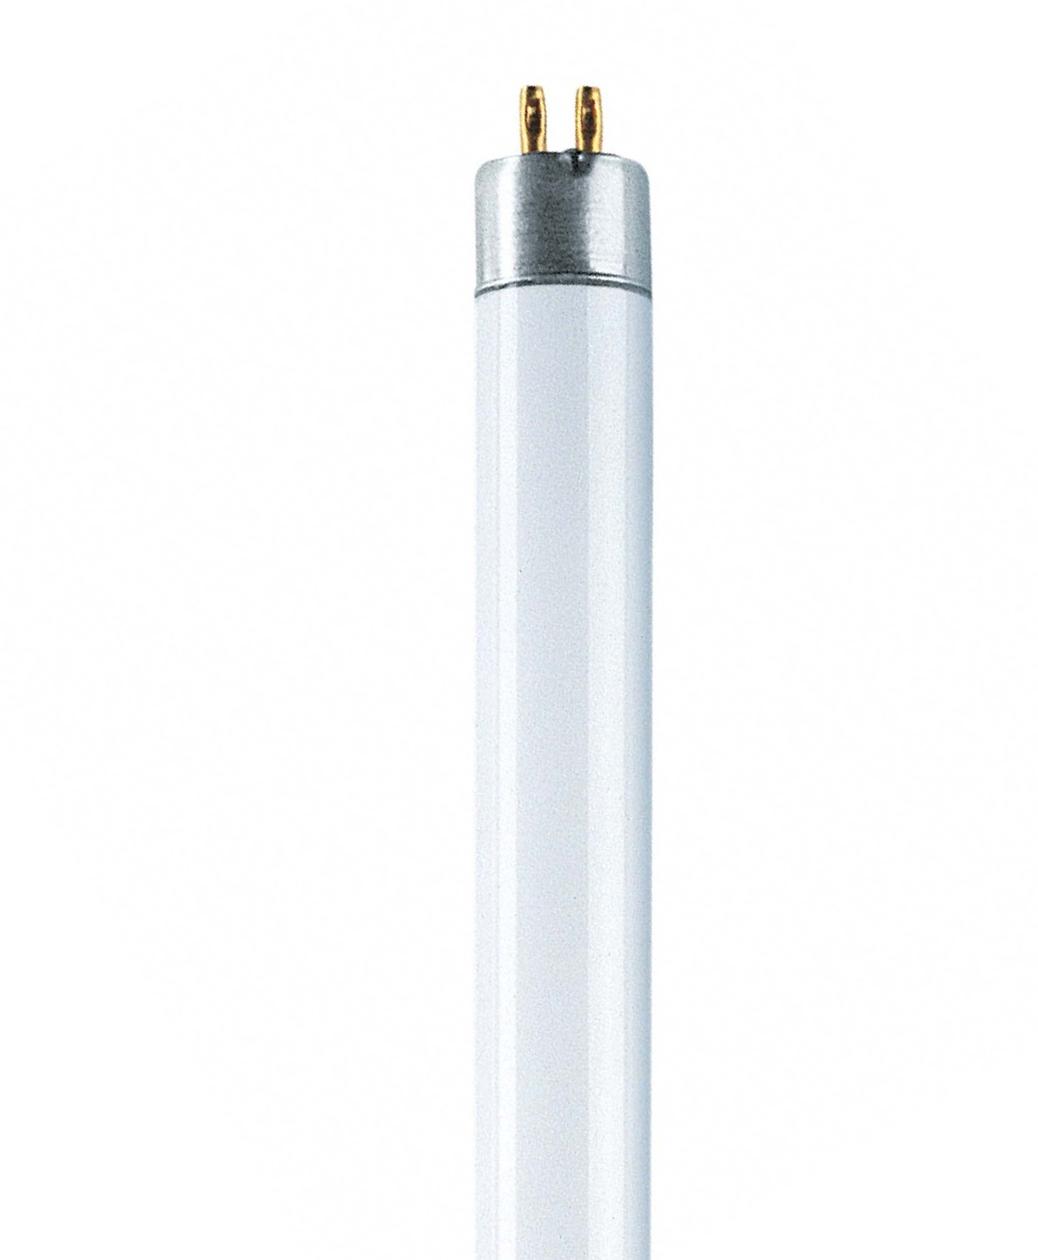 T5 35W/830 G5 FLH1, Warmweiß, Leuchtstofflampe